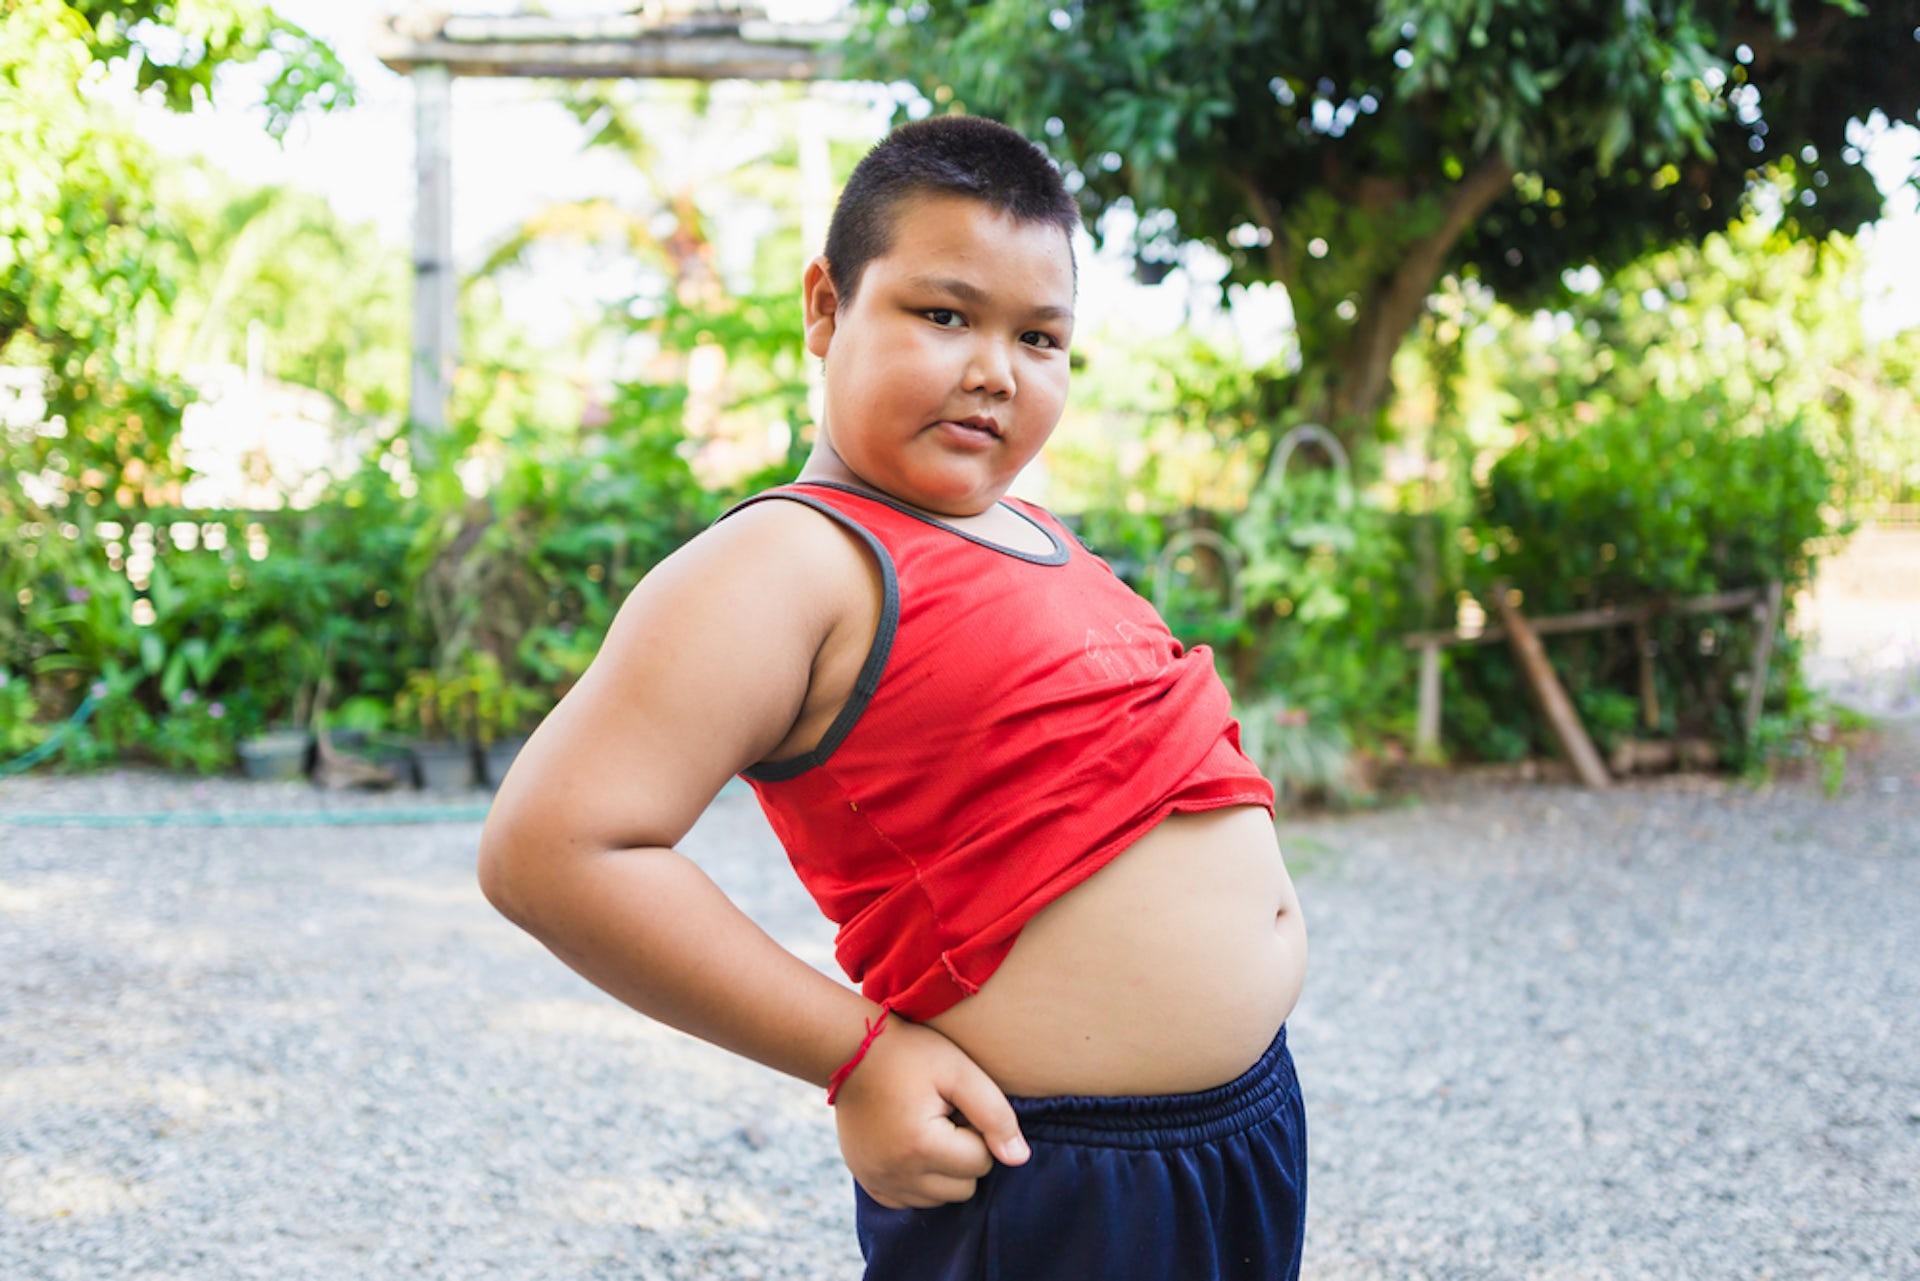 Overweight black kids